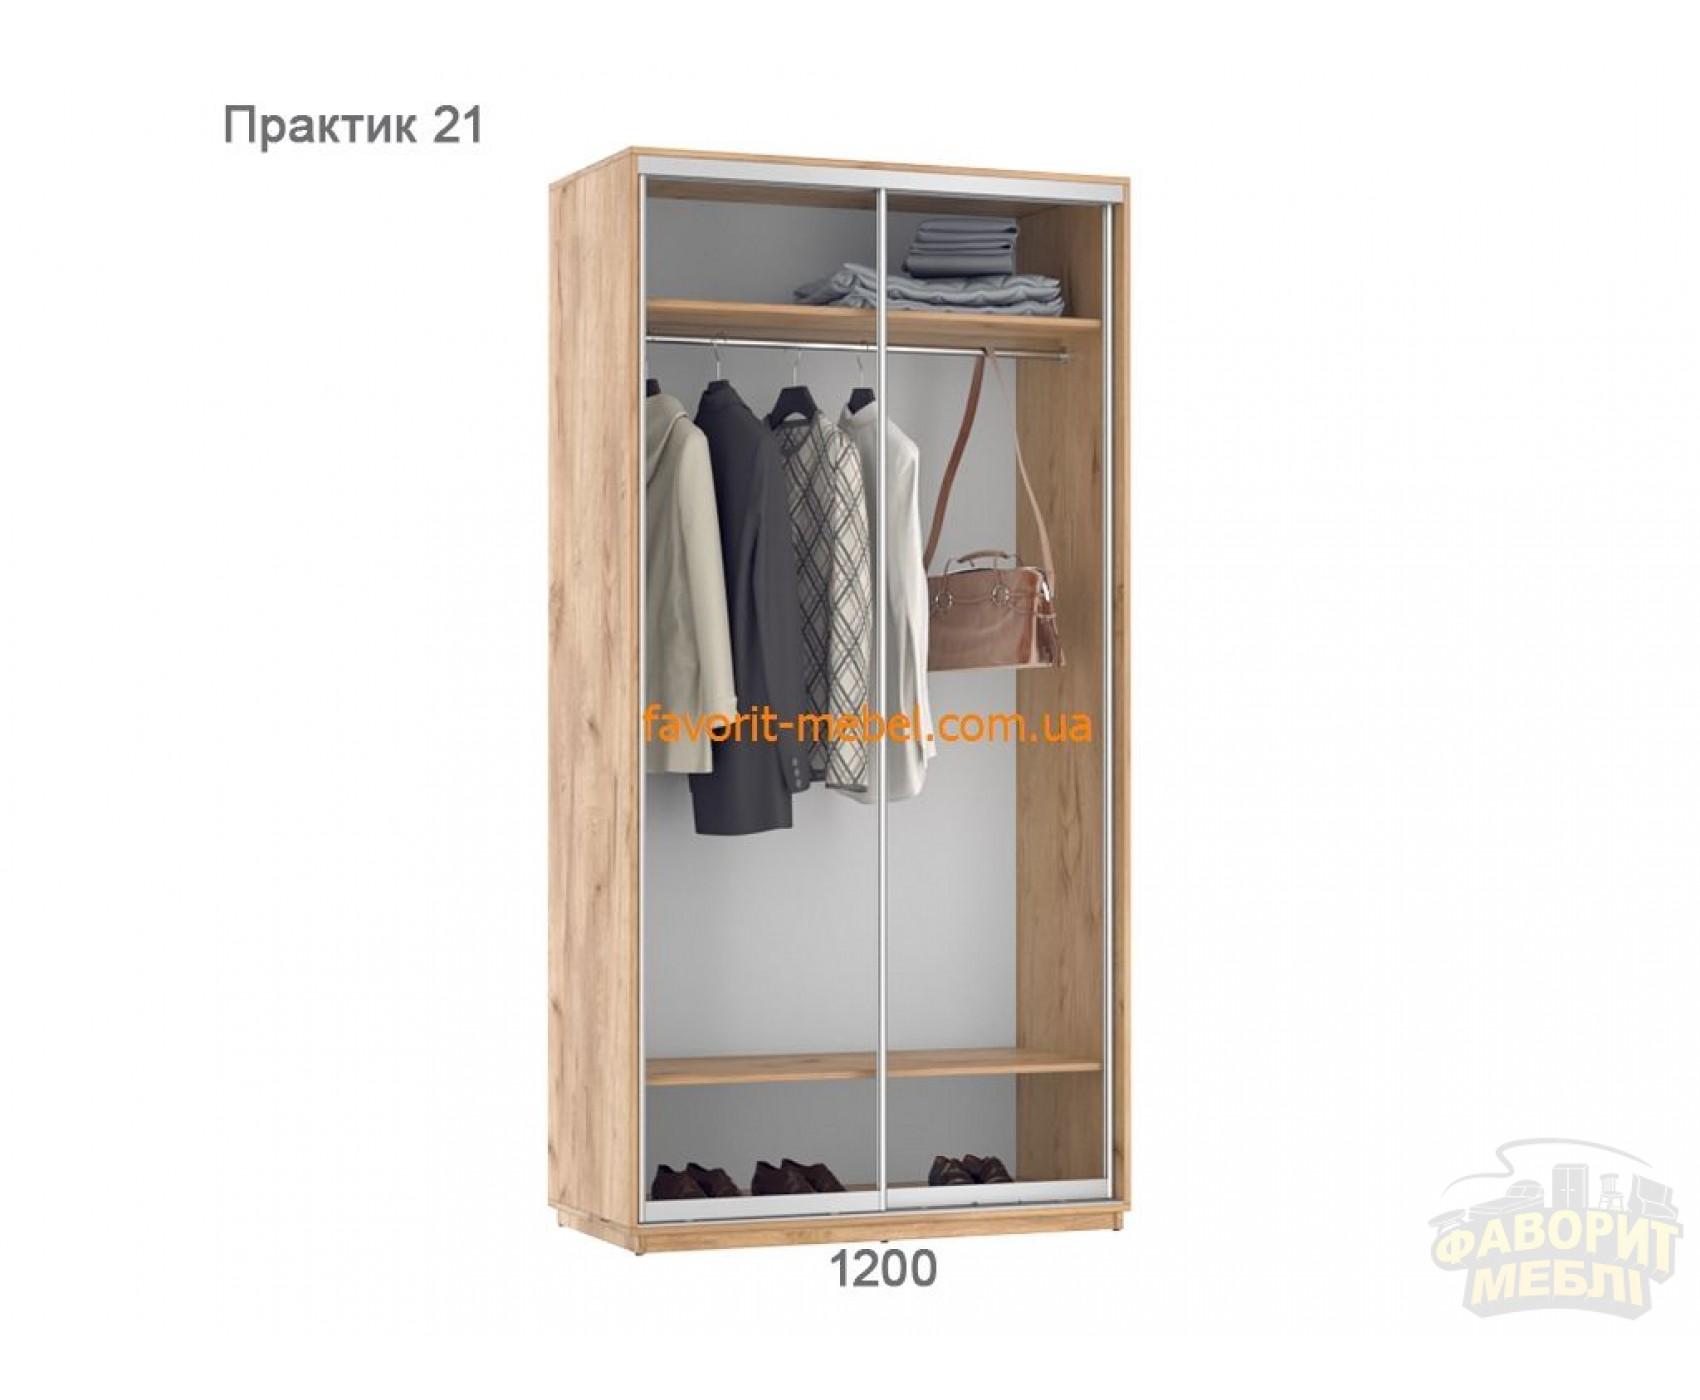 Шкаф купе Практик 21 (120х60х240 см)